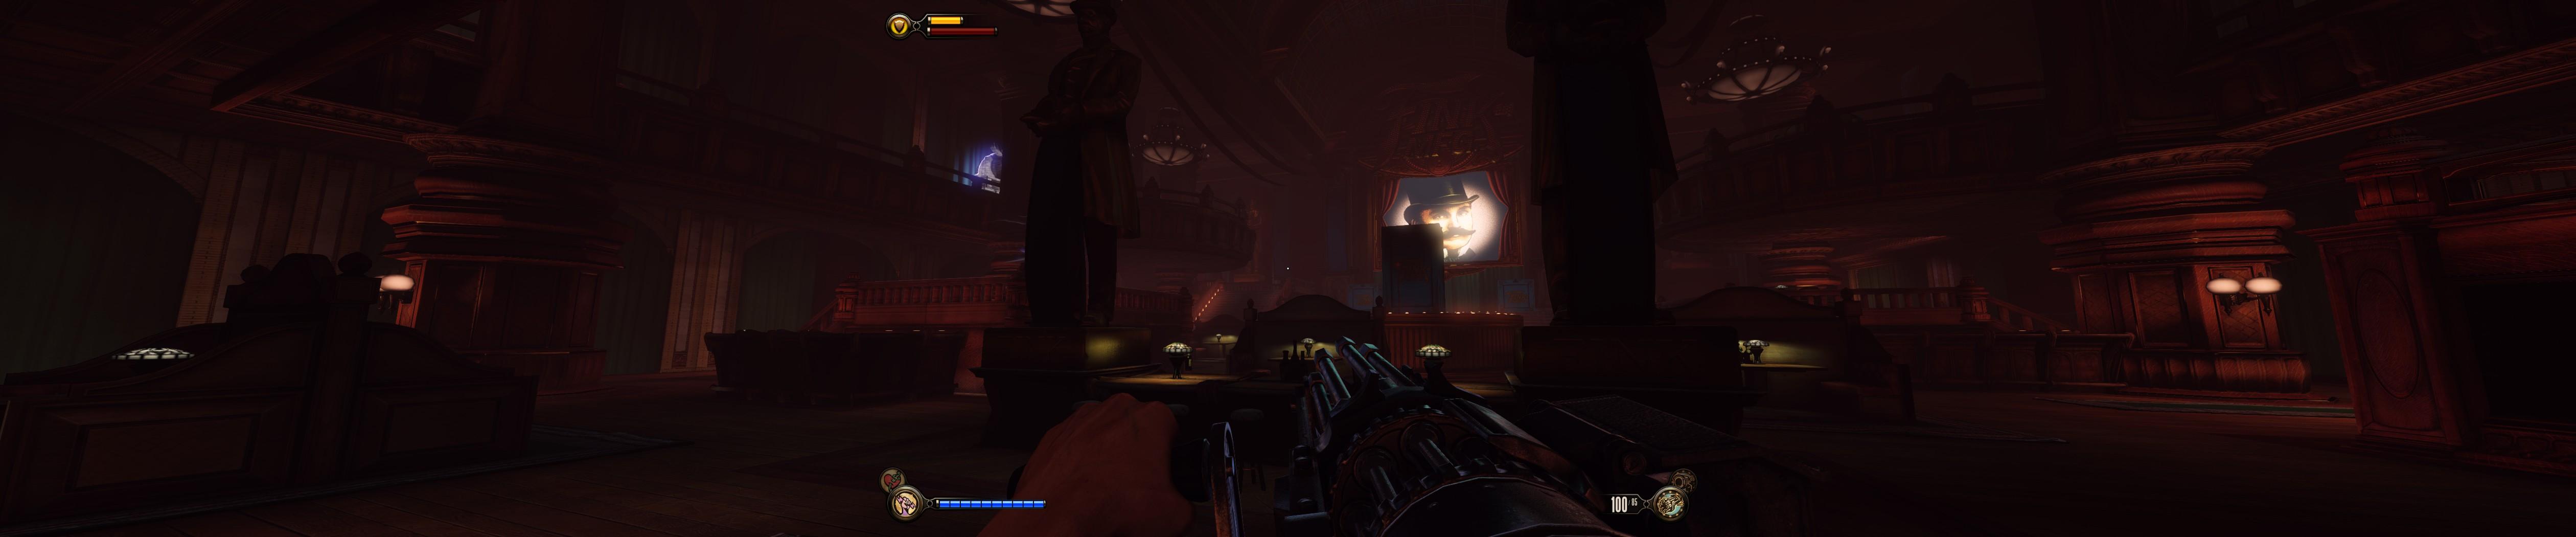 Bioshock_Infinite_2013-05-14_00023